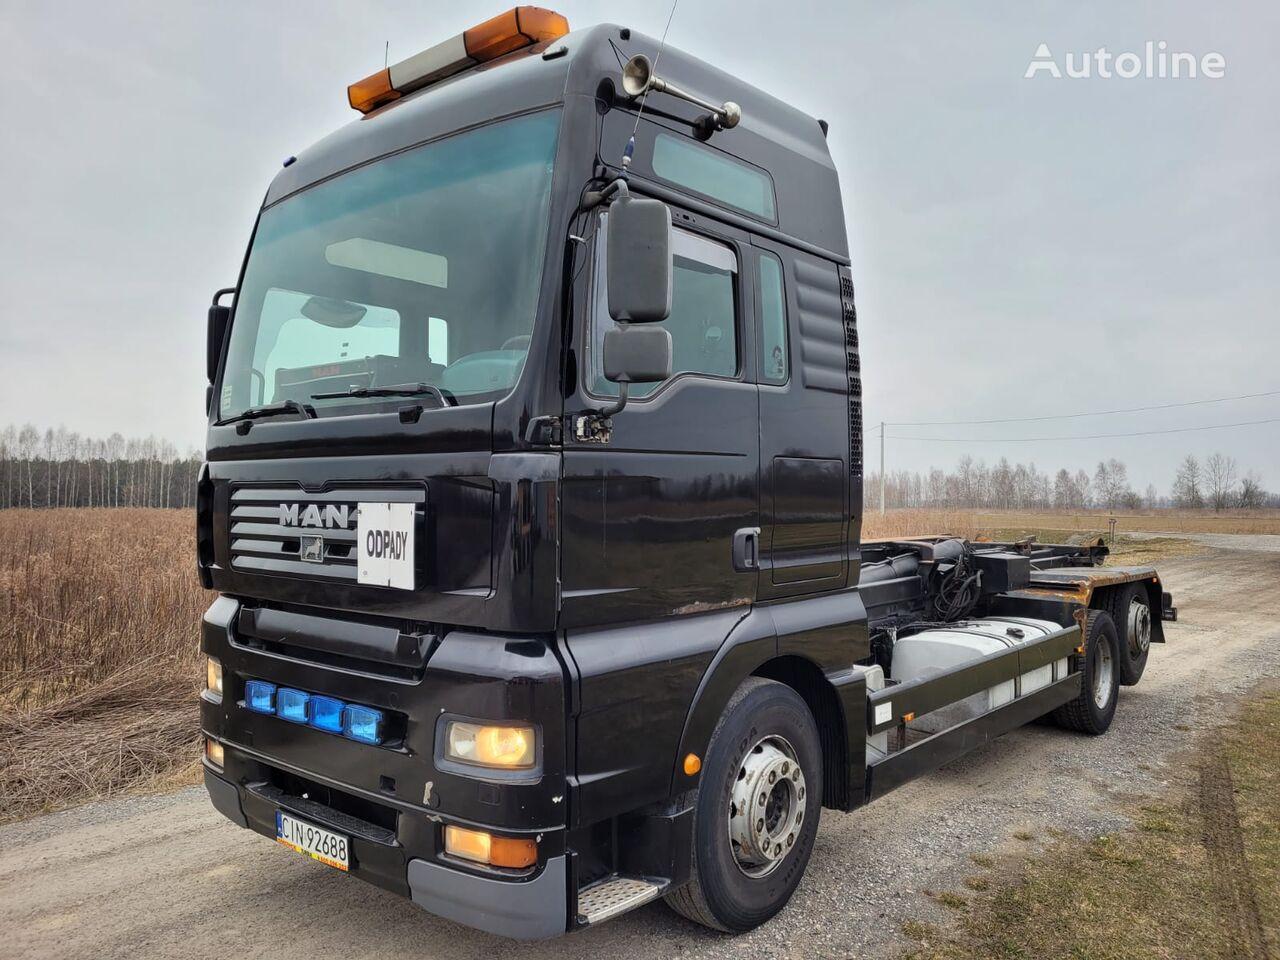 MAN TGA 26.430 camión con gancho